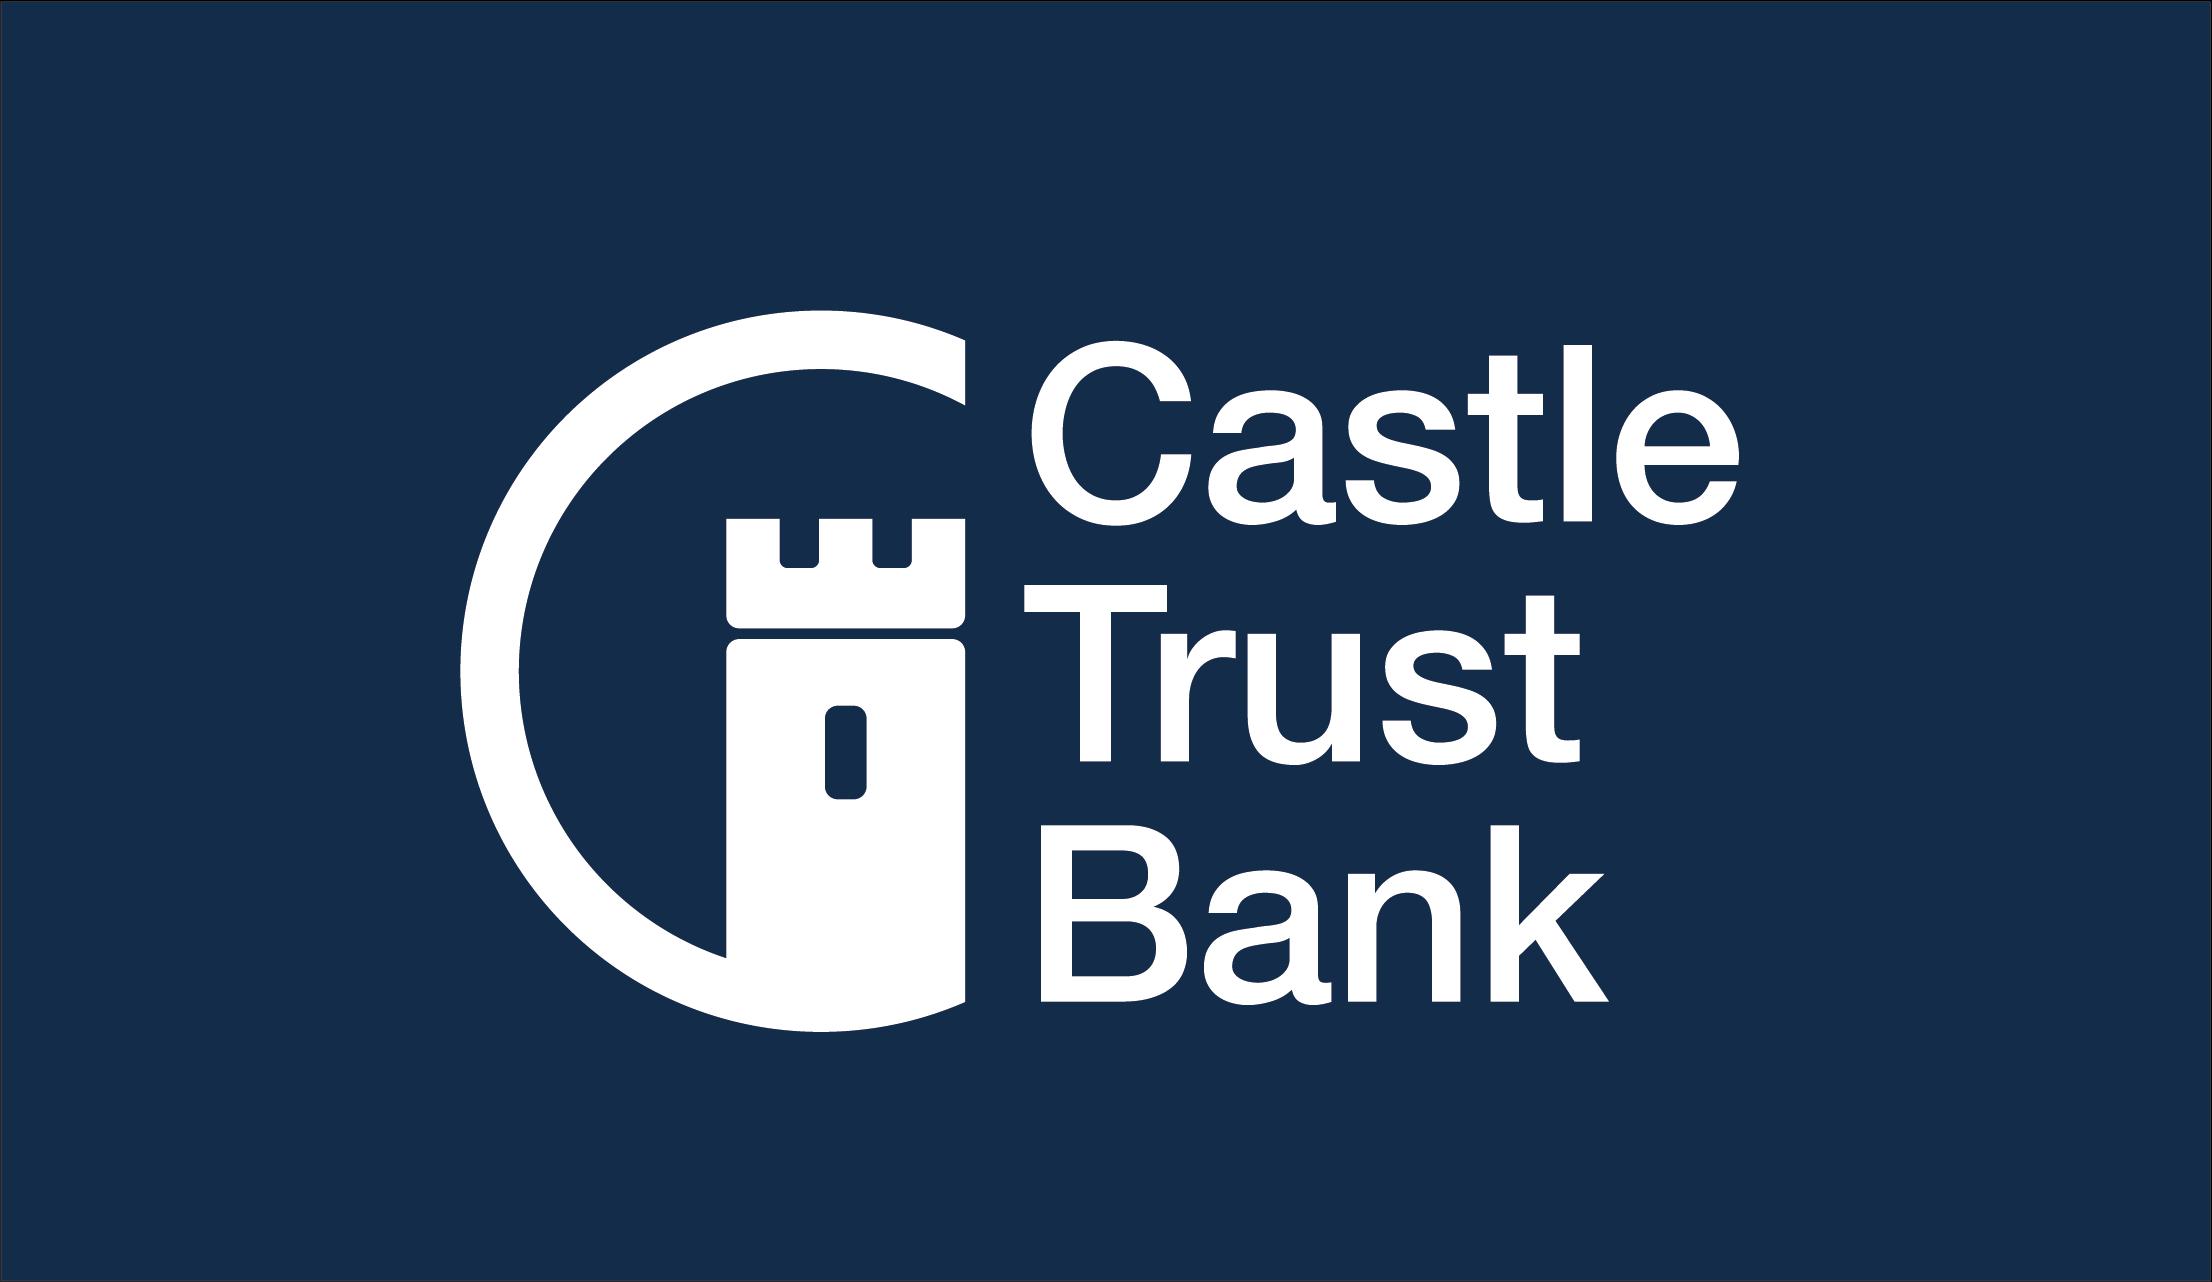 Castle Trust Bank logo